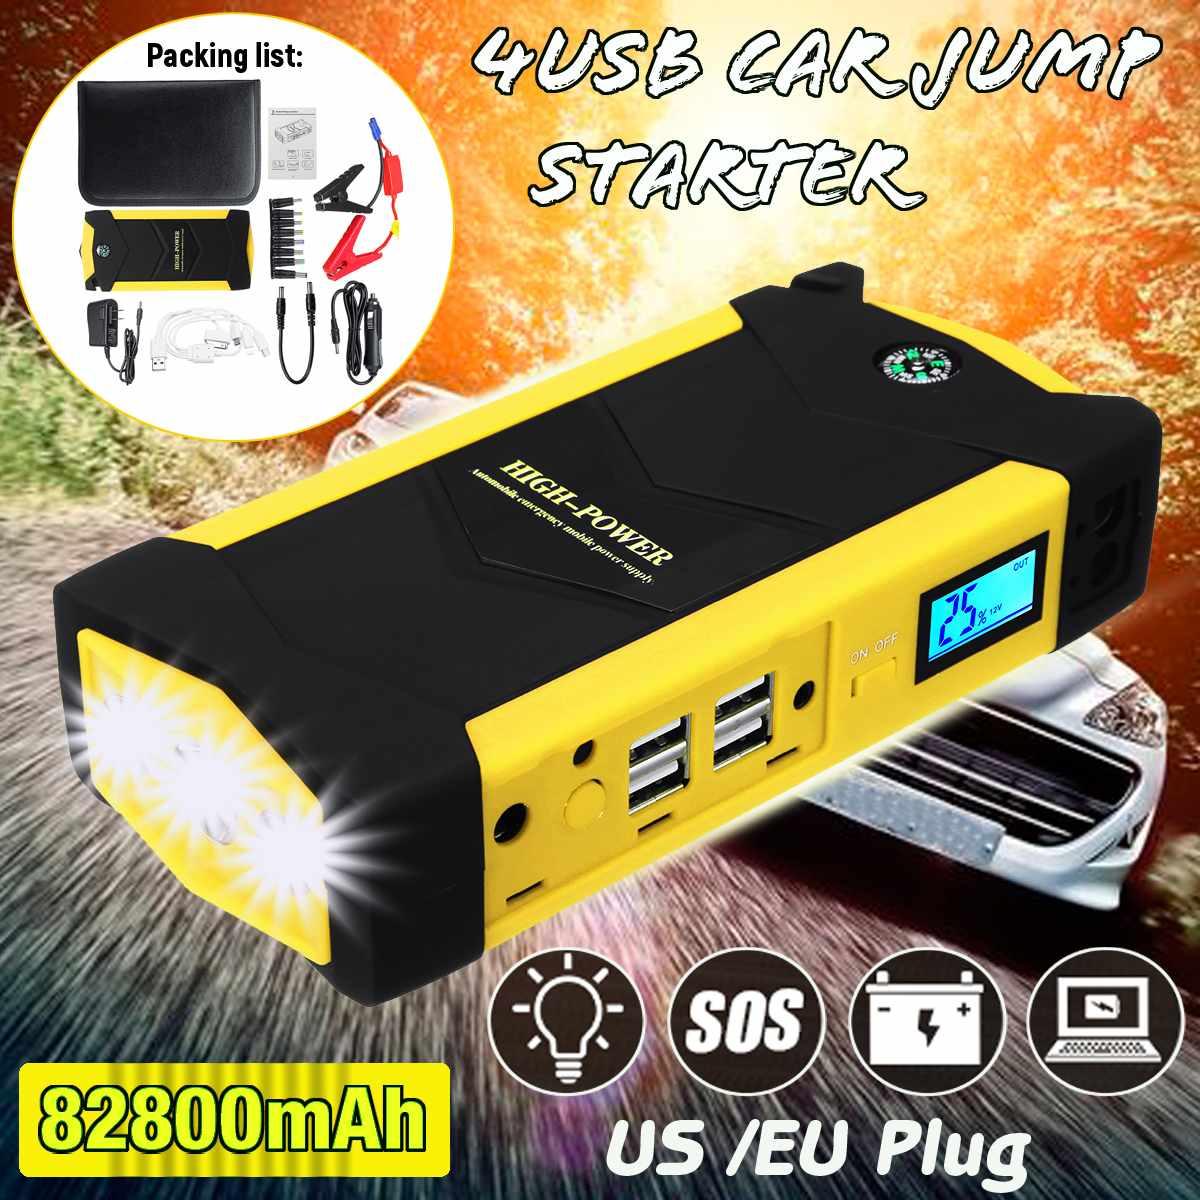 82800 mAh étanche d'urgence voiture saut démarreur démarrage dispositif batterie externe Portable 4USB 12 V 600A voiture chargeur voiture batterie Booster